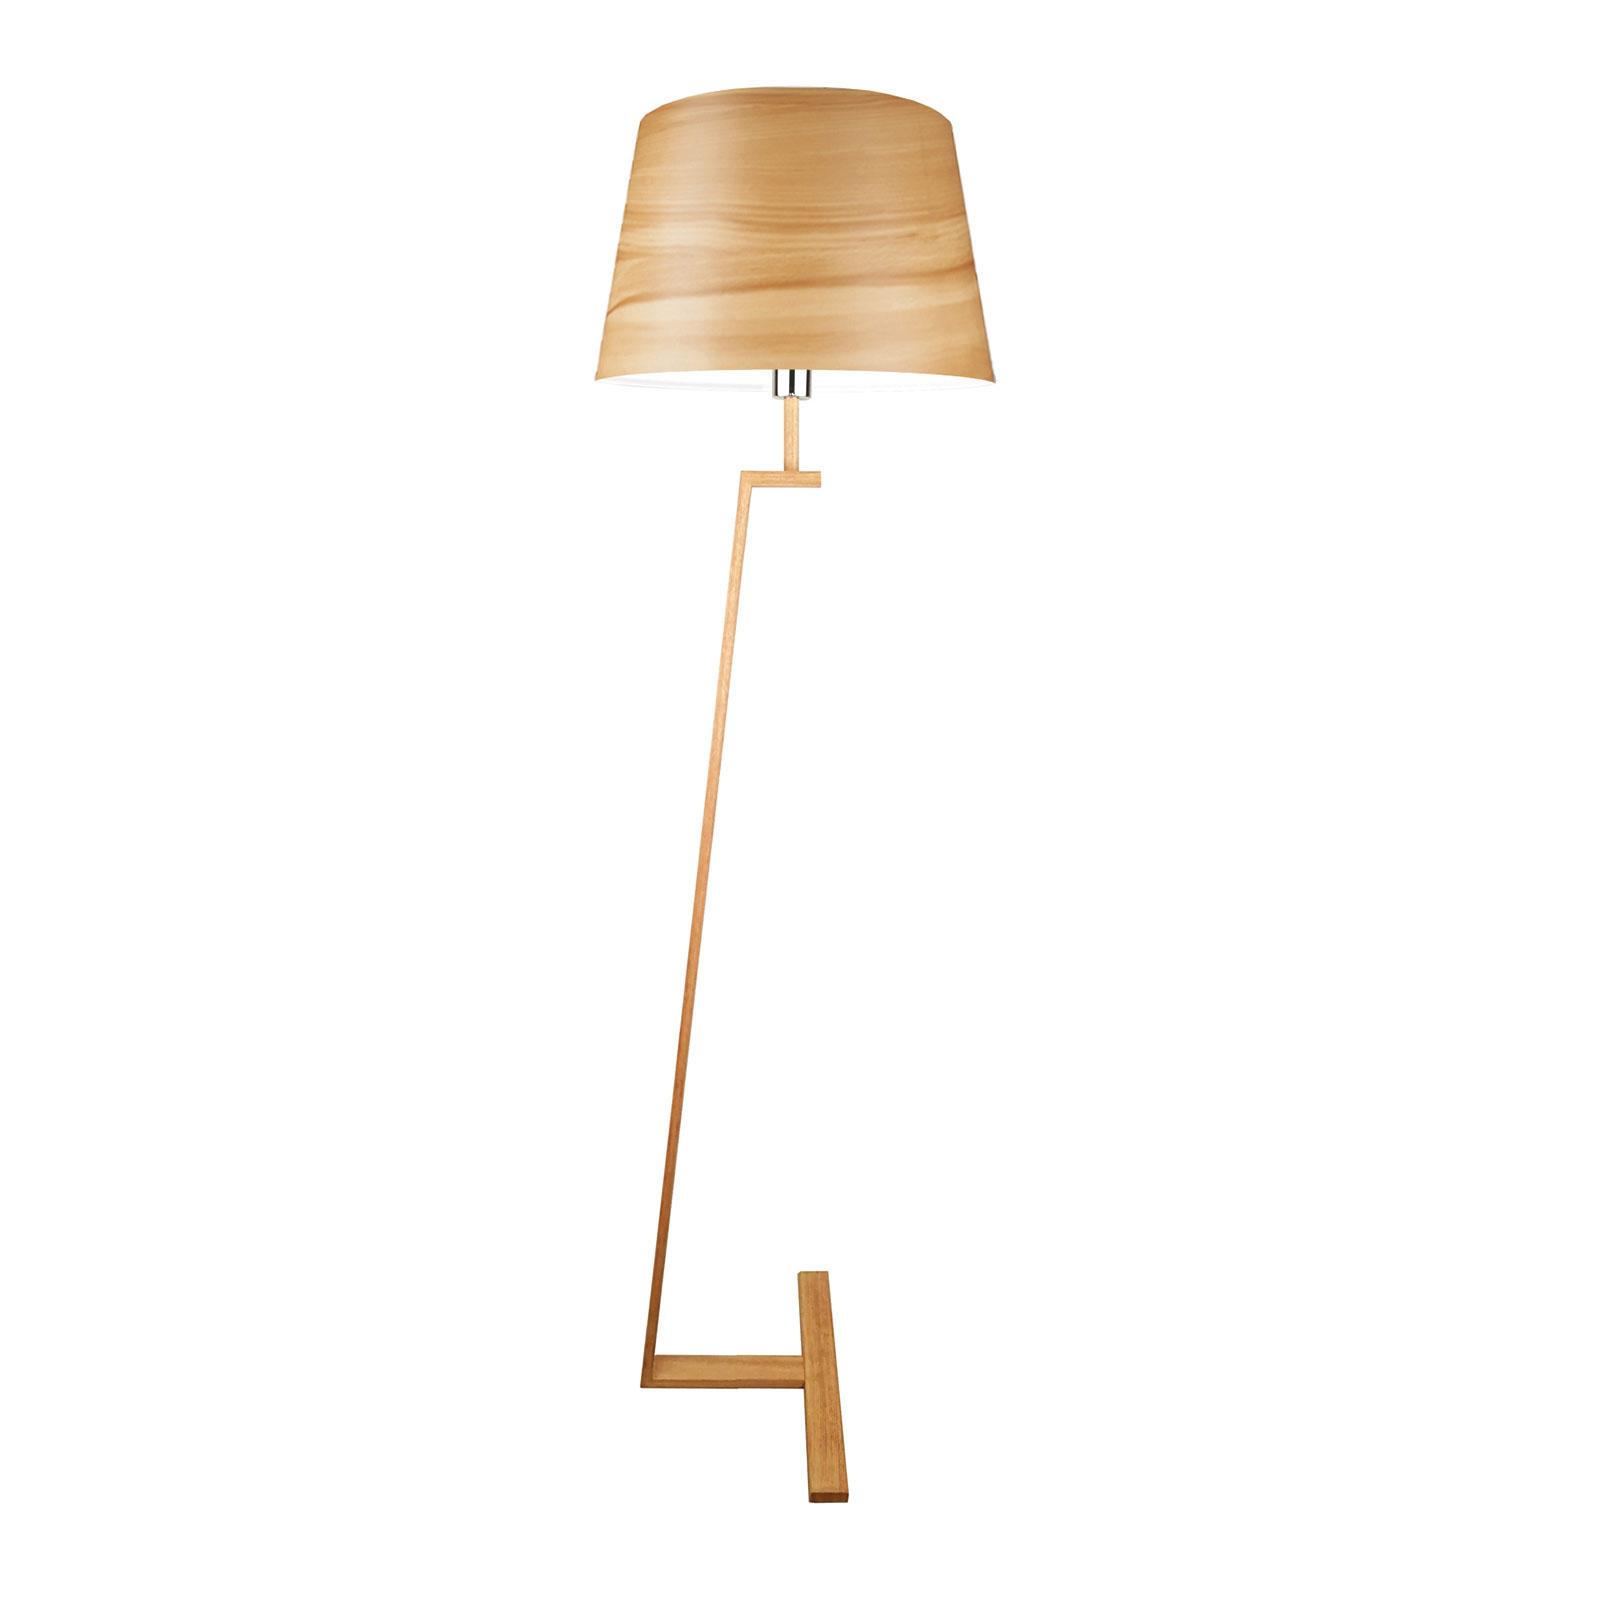 Vloerlamp Memphis LS met echt hout gefineerd